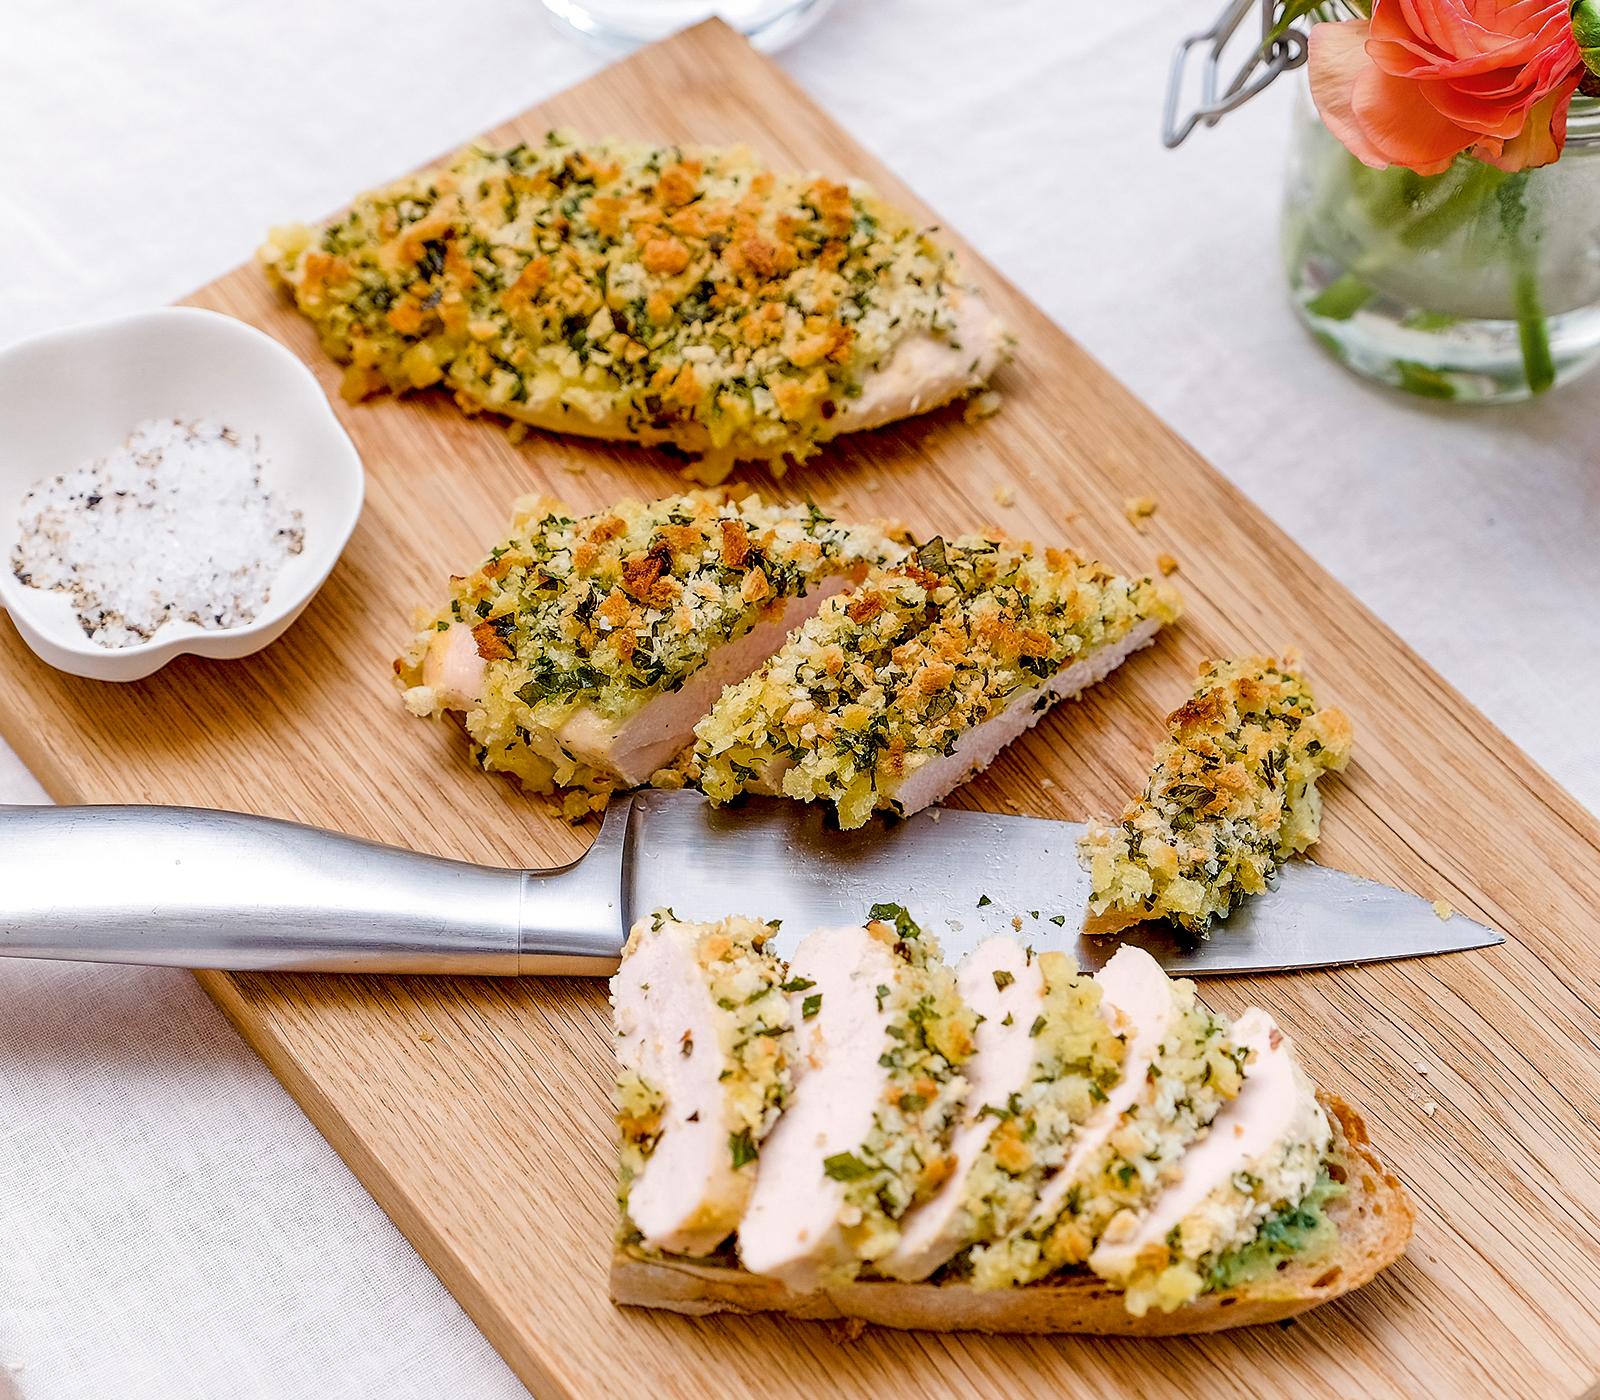 Pouletbr stchen mit senfkruste annemarie wildeisens kochen - L ei weich kochen ...